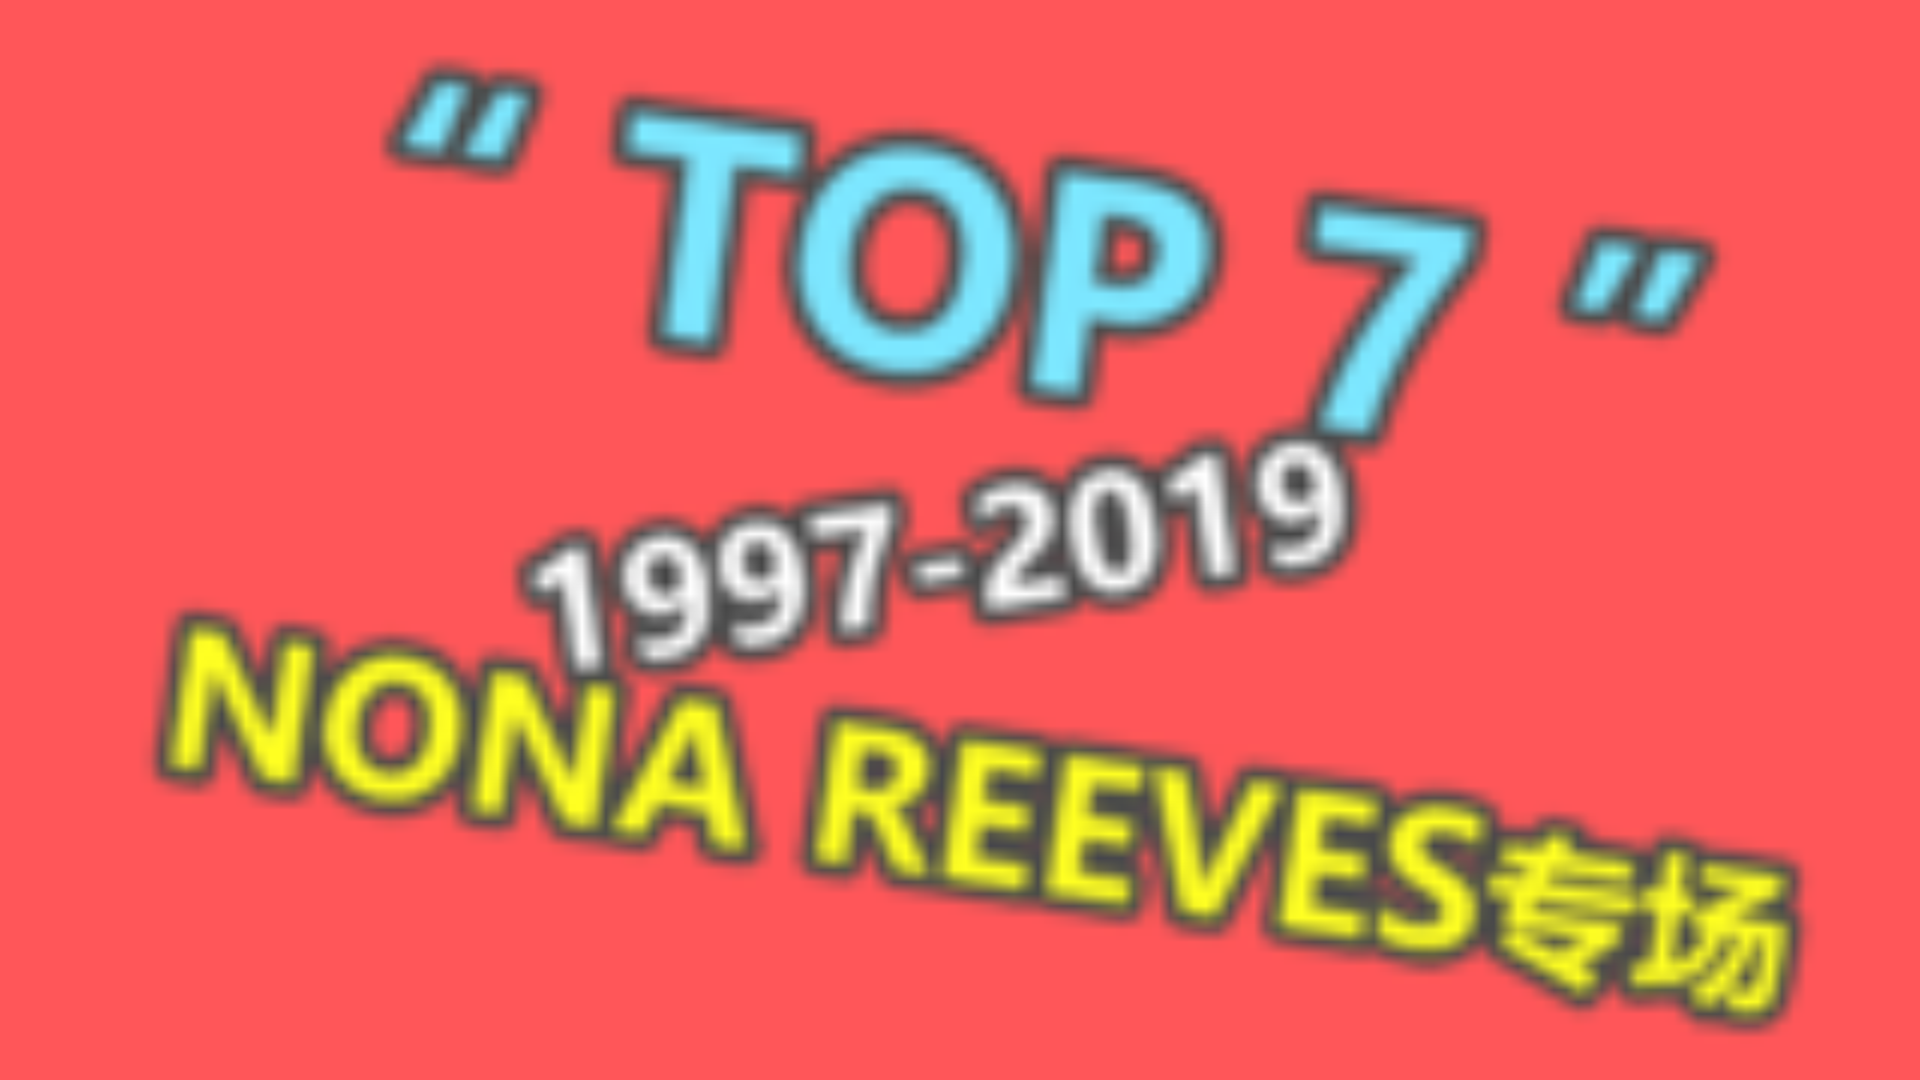 """【耳机向】""""NONA REEVES""""1997-2019精选(圣诞快乐)"""